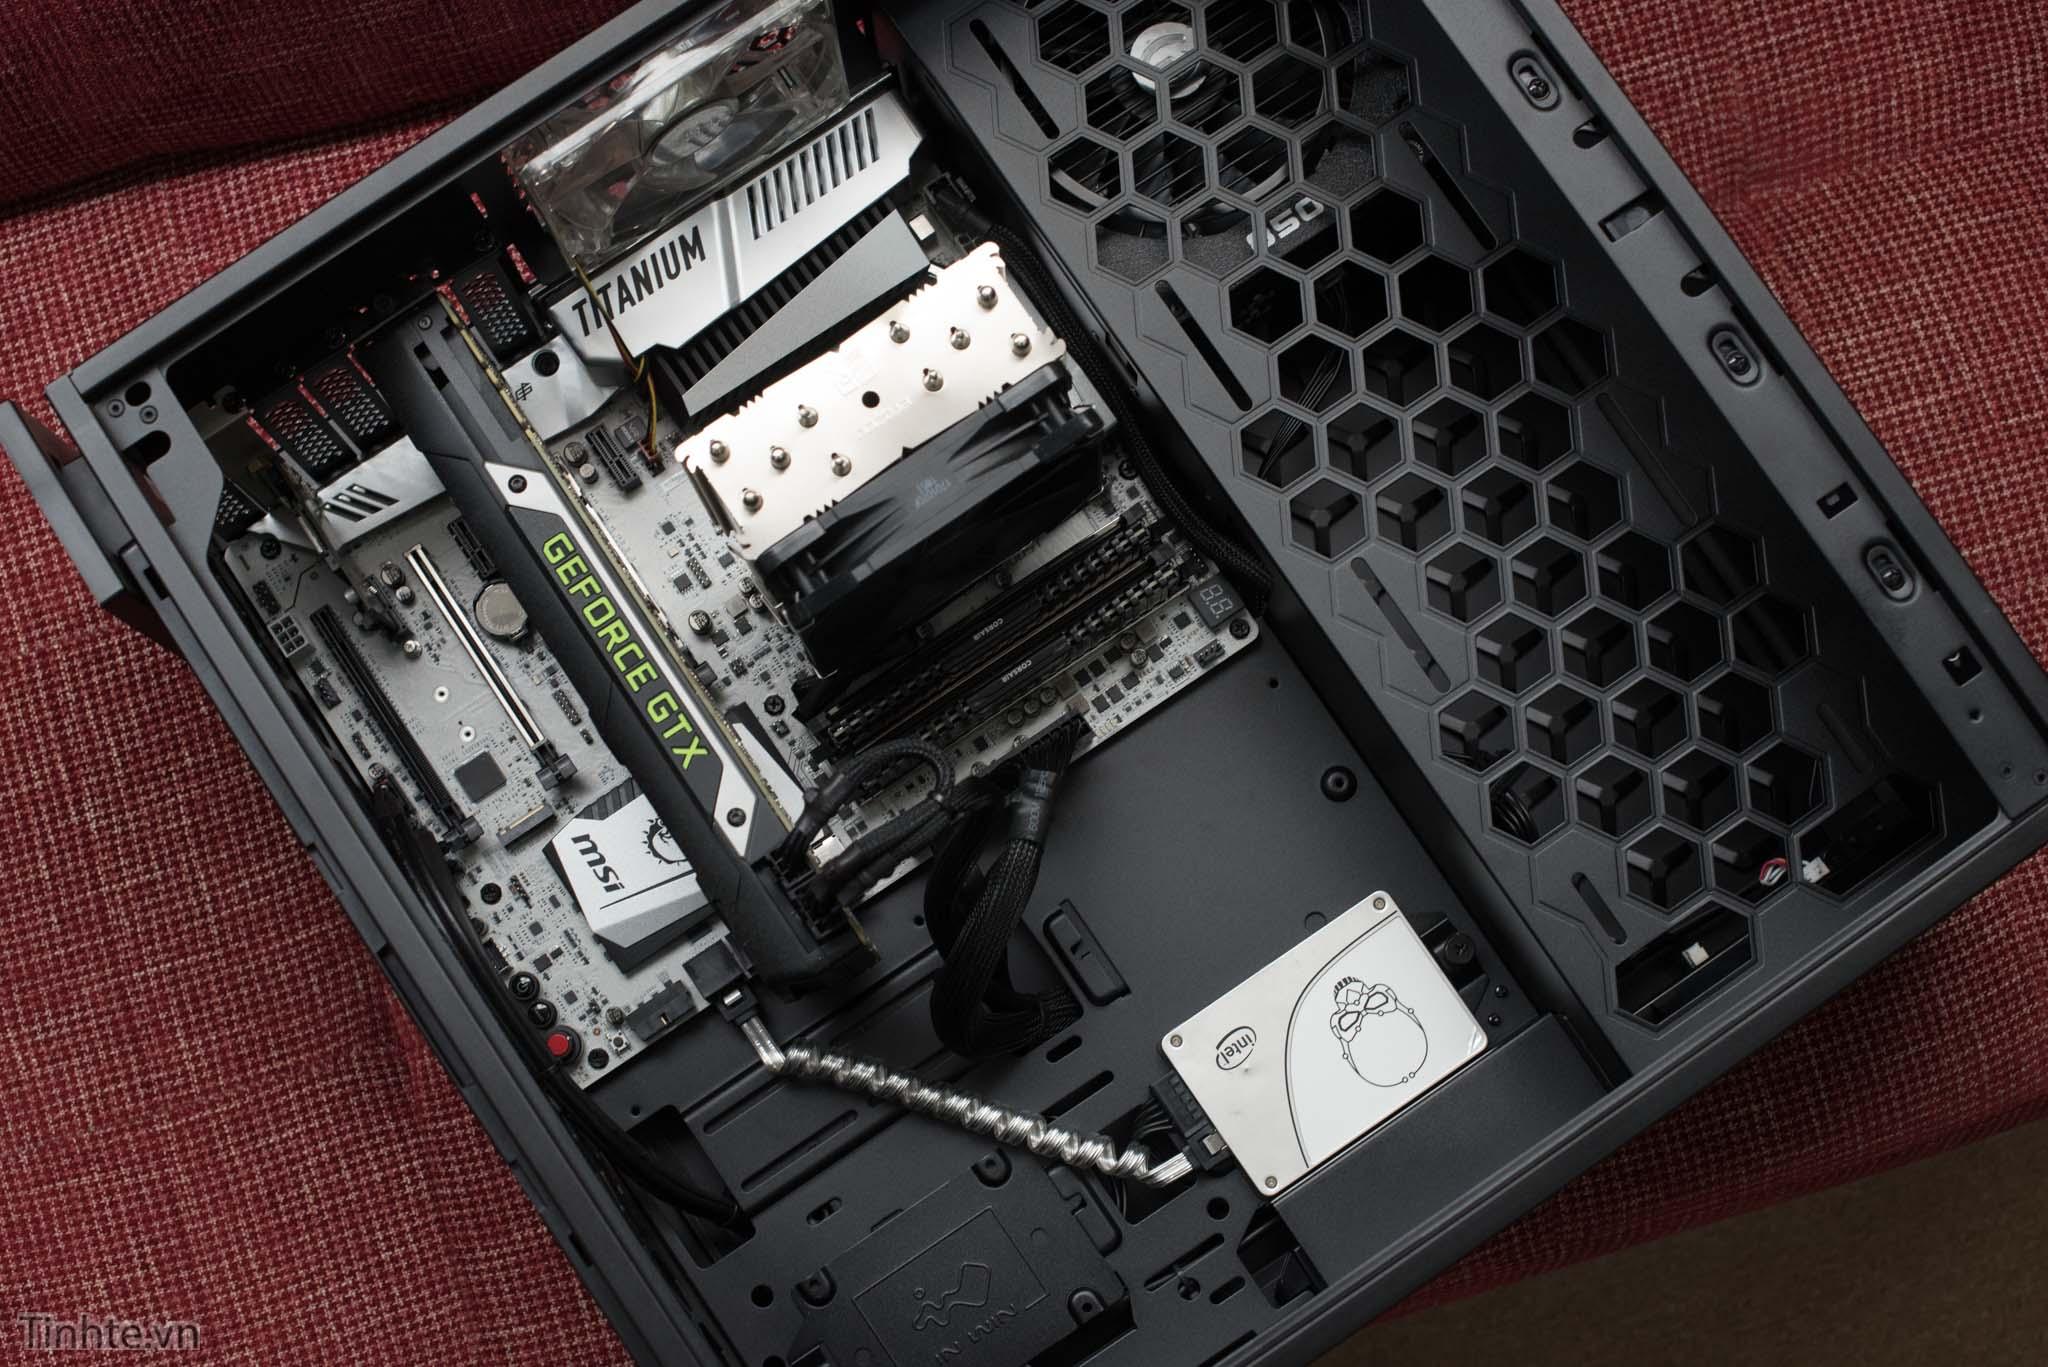 Ryzen 5 1600X_tinhte.vn 6.jpg